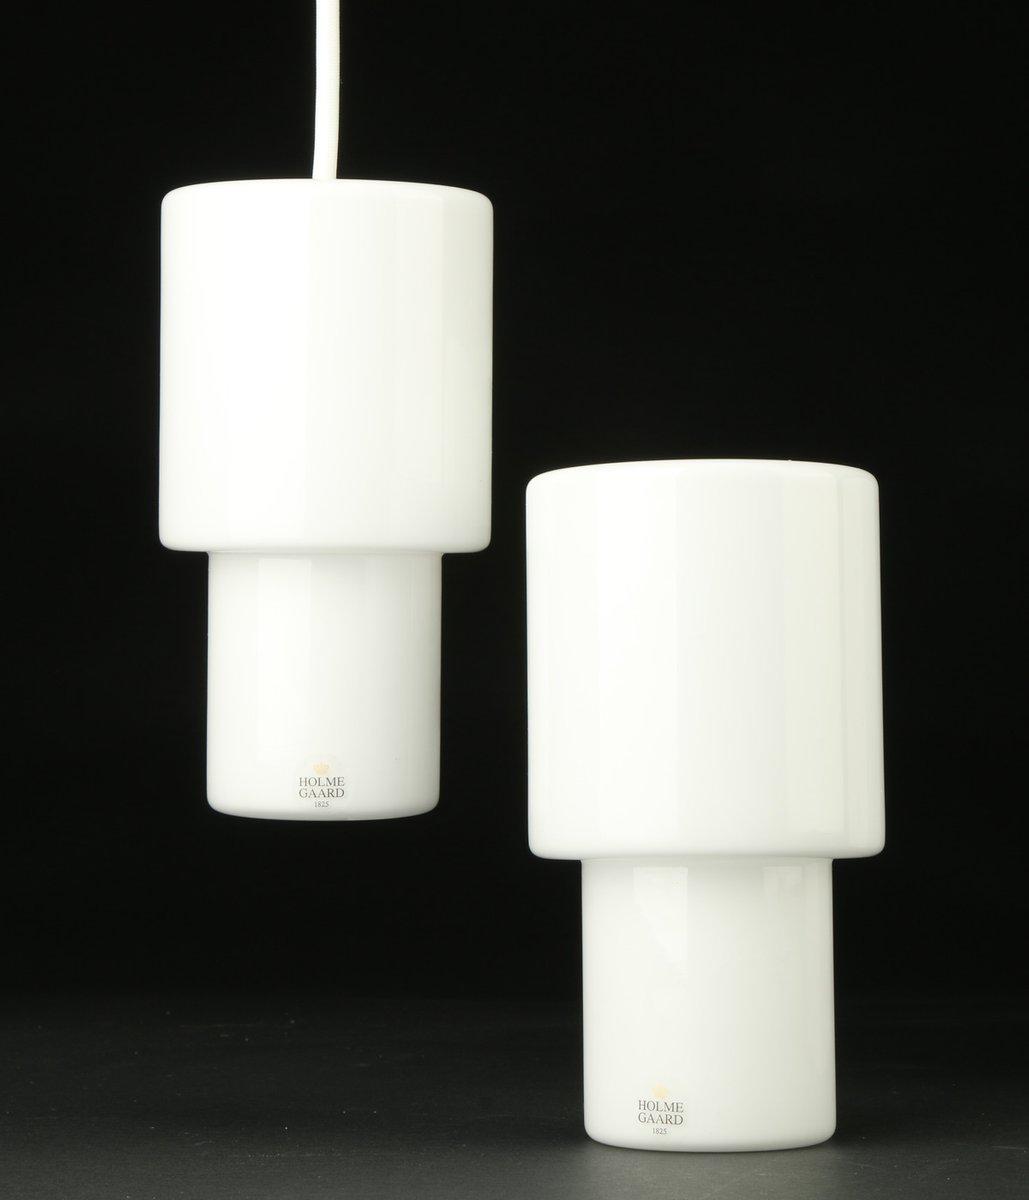 Vintage Two-Way Hängelampen von Halskov & Dalsgaard für Holmegaard, 2e...